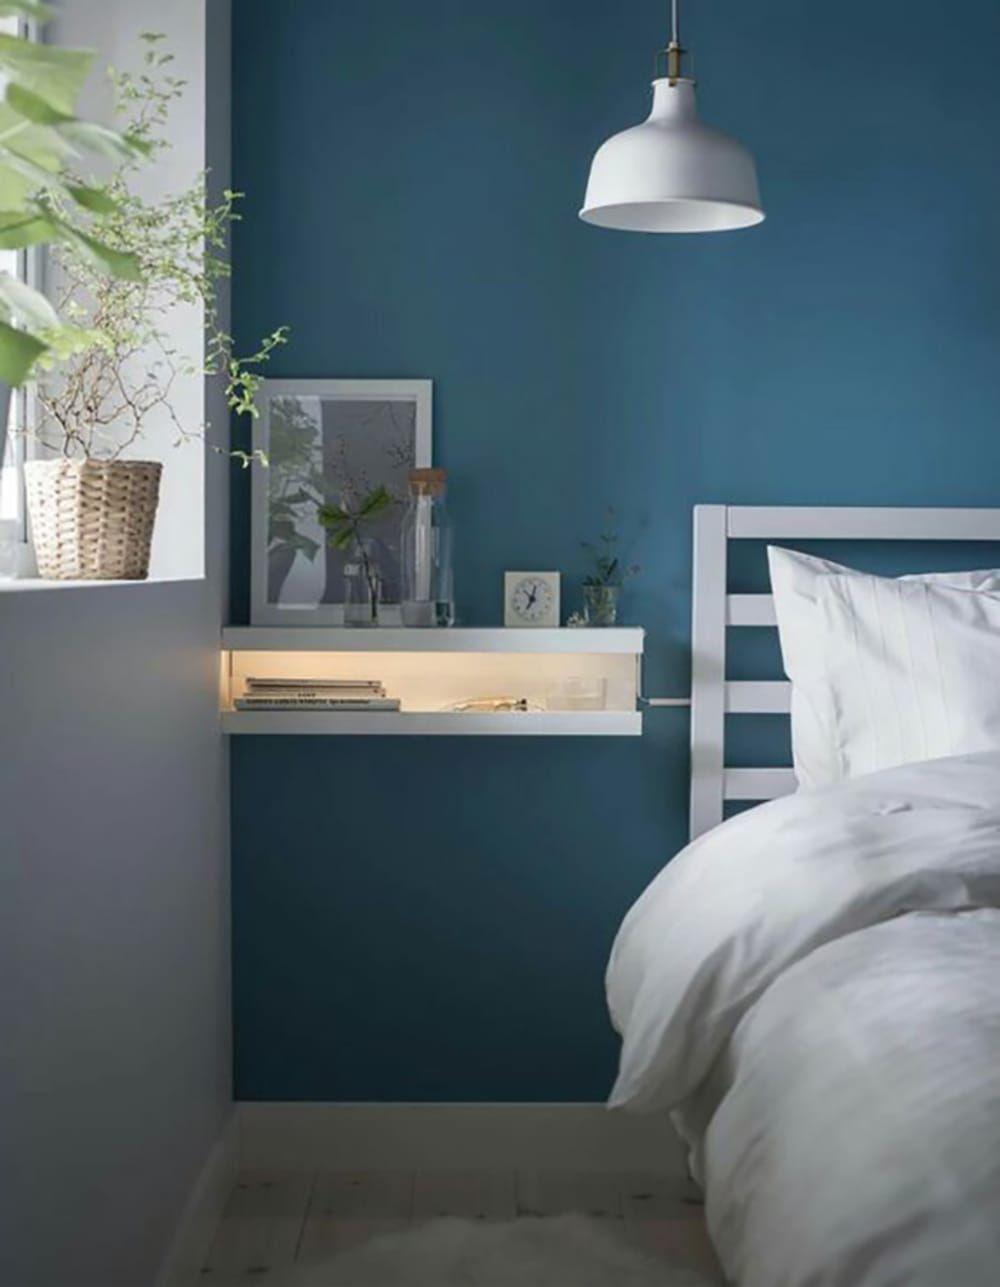 Idee-per-decorare-una-parete-con-le-mensole-con-illuminazione-sotto-ikeajpg